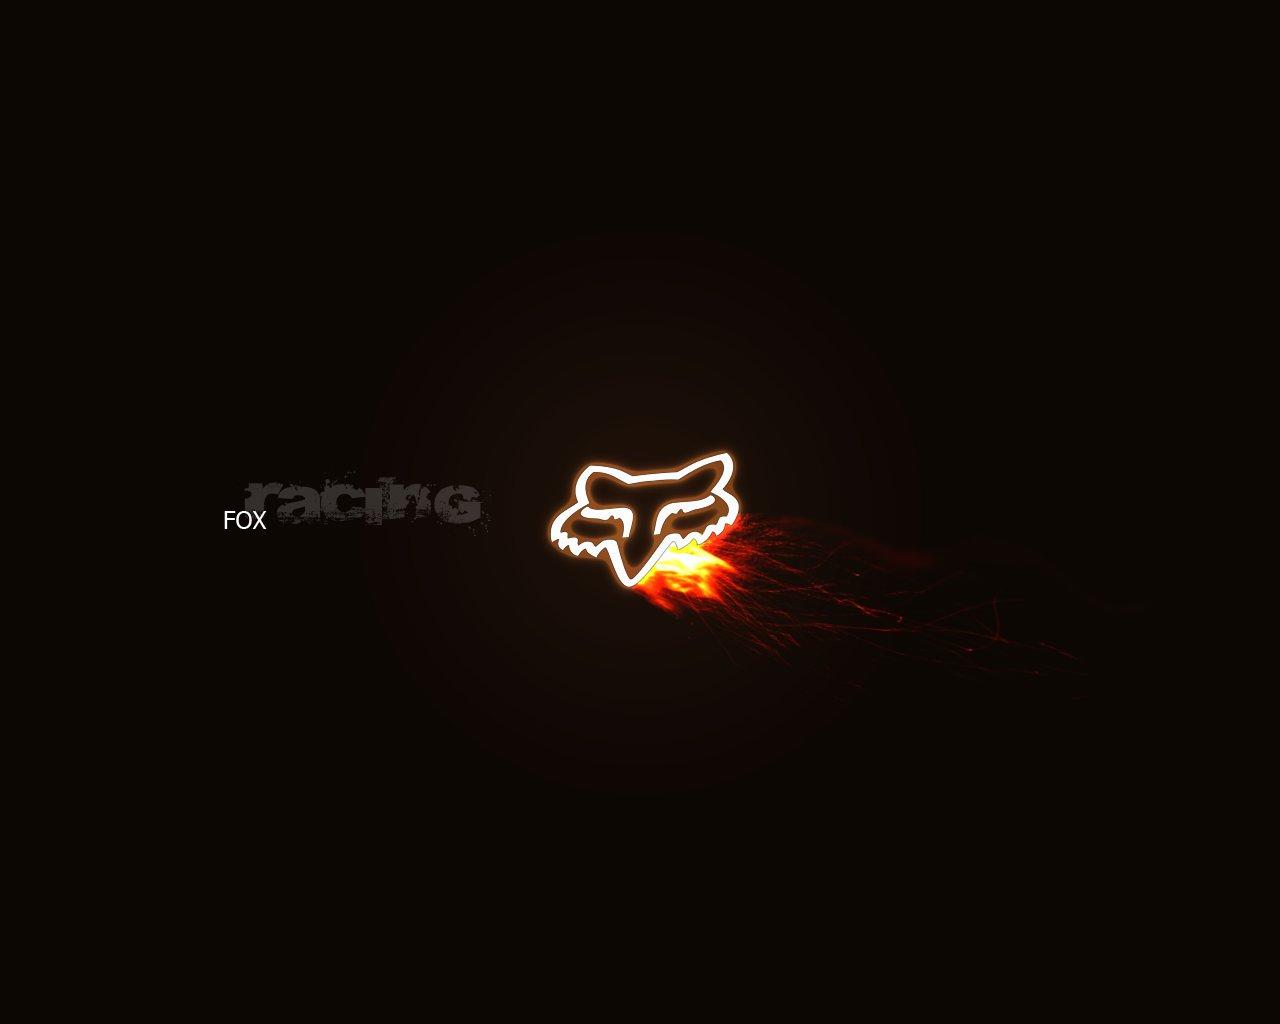 Fox Racing by lEnigmal 1280x1024